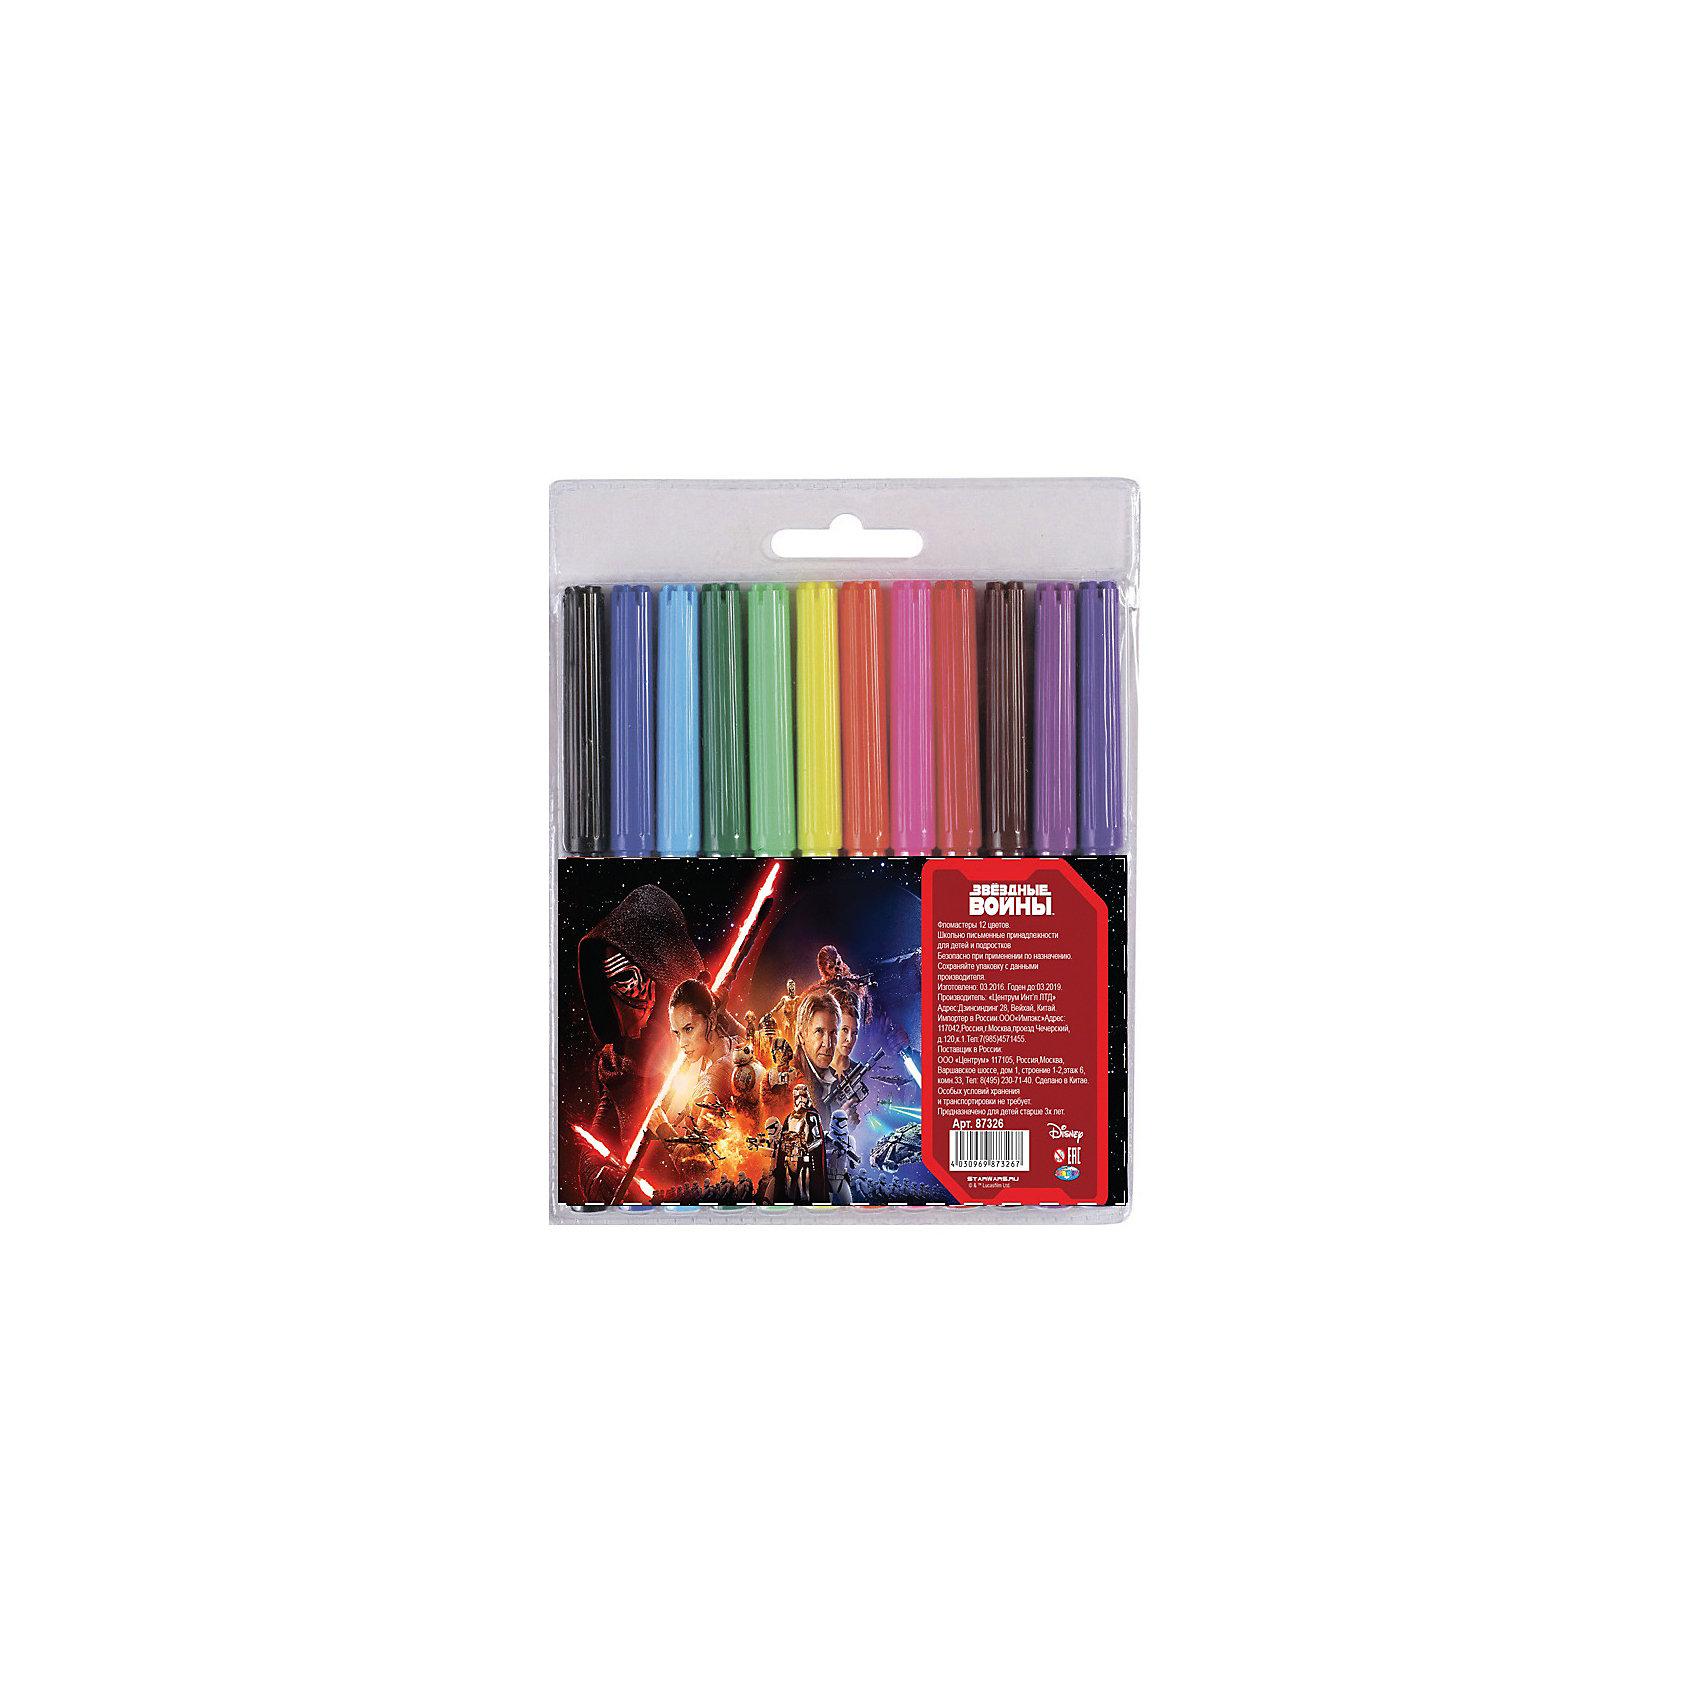 CENTRUM Фломастеры Звездные войны 12 цветов наборы для рисования centrum фломастеры распылители 12 цветов